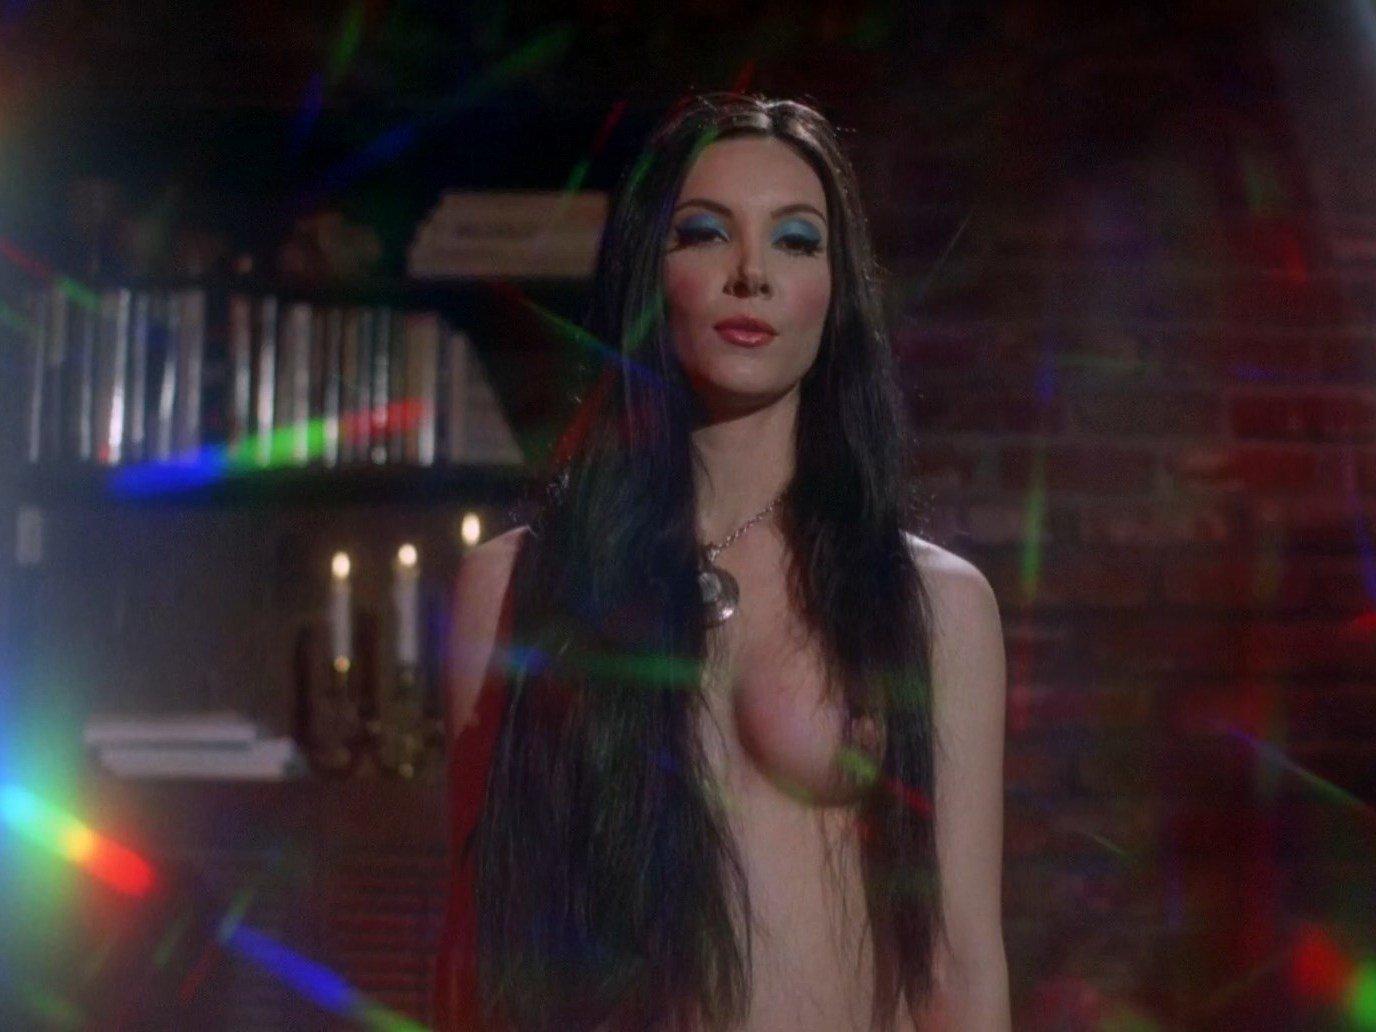 Addison timlin nude scenes californication 3